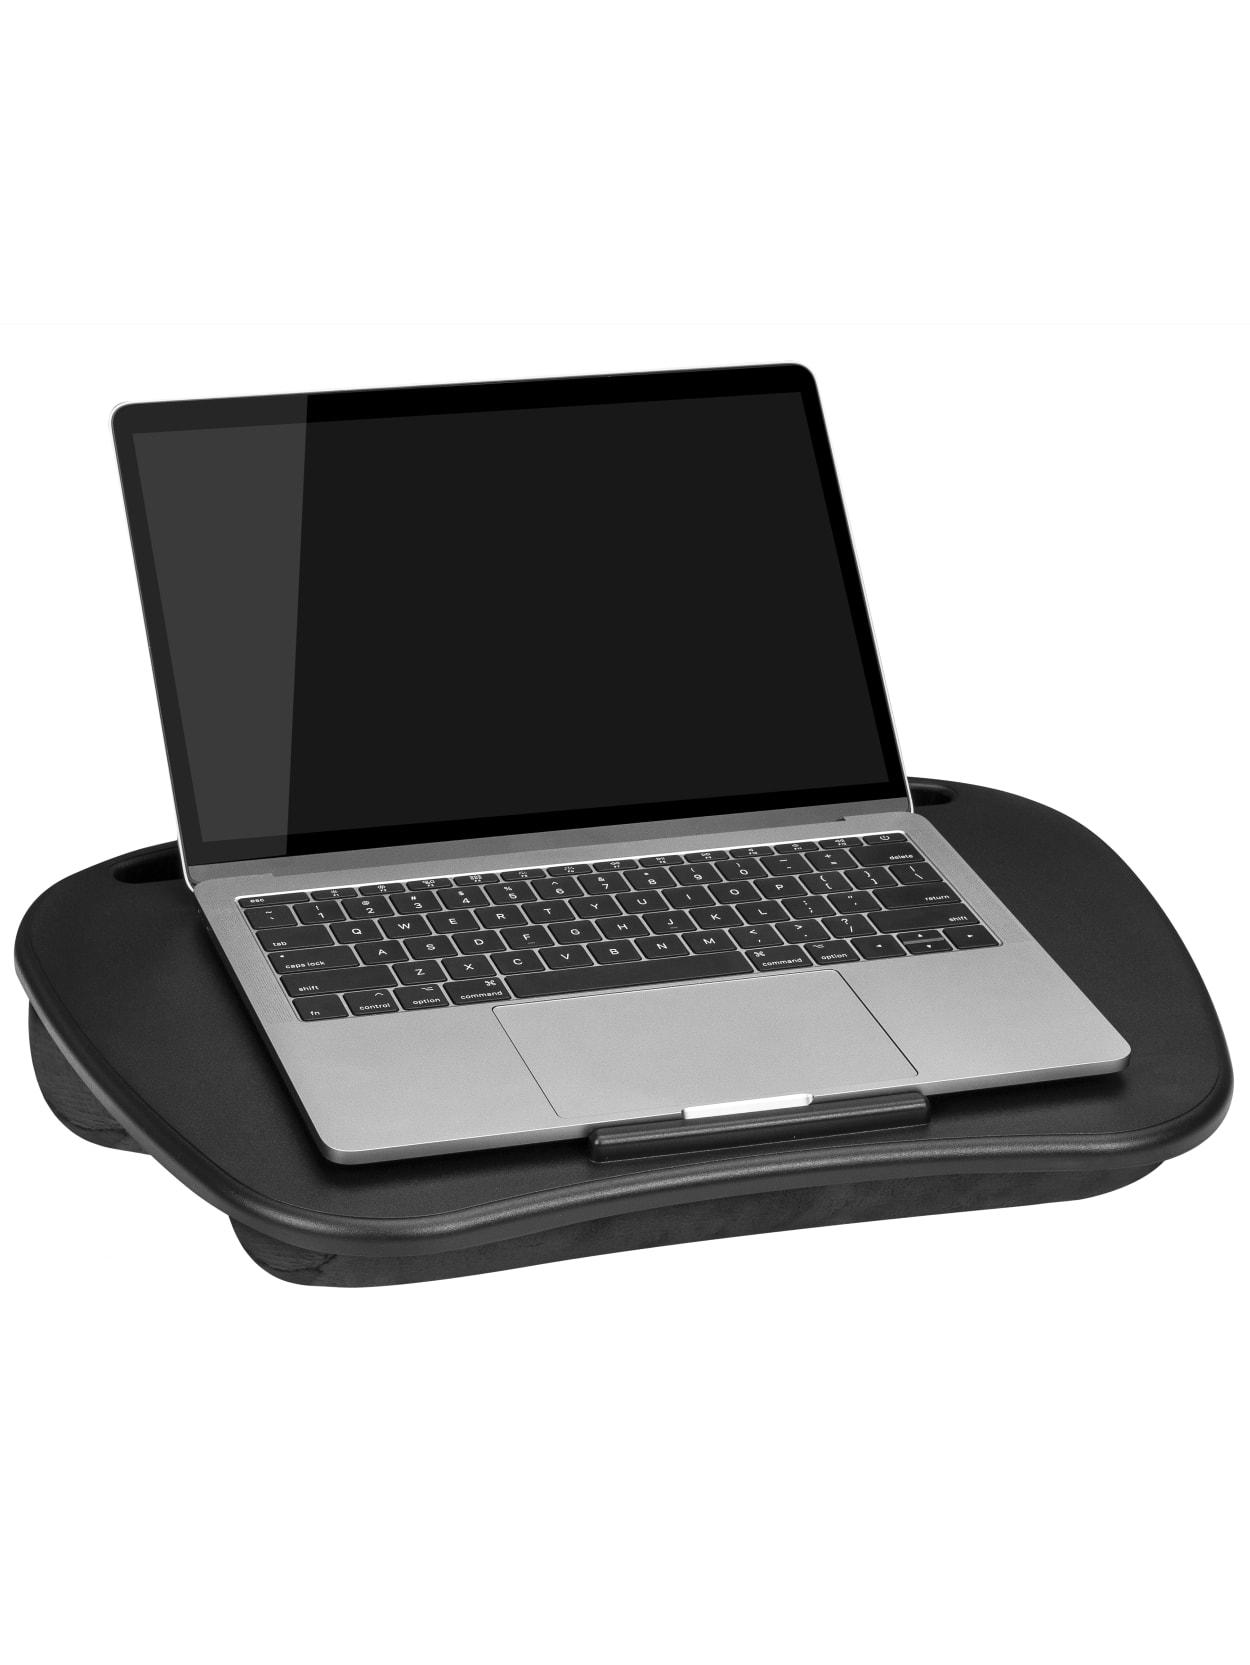 Lapgear Mydesk Lap Desk Black Office Depot